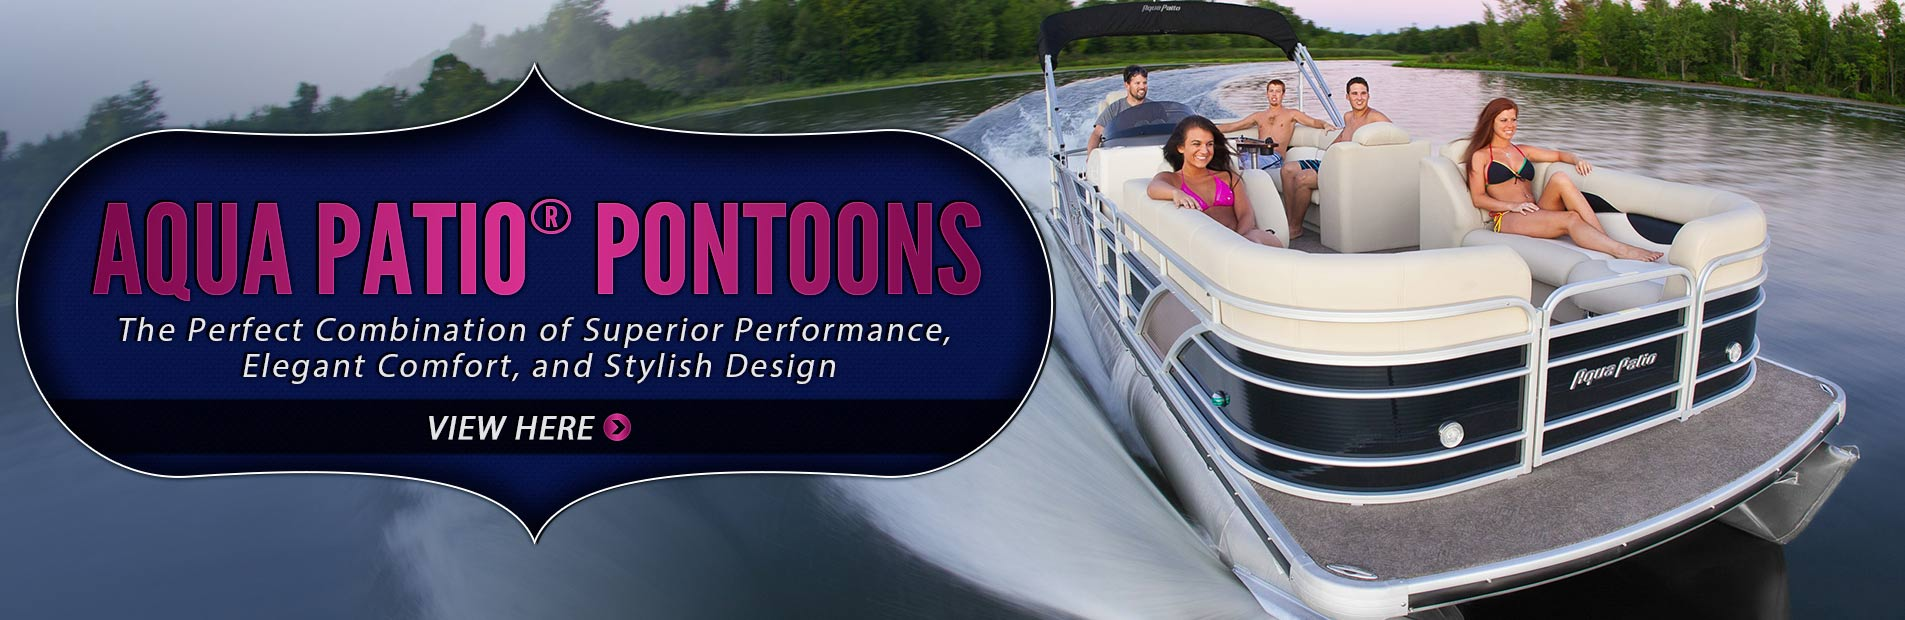 Click here to view Aqua Patio® pontoons.